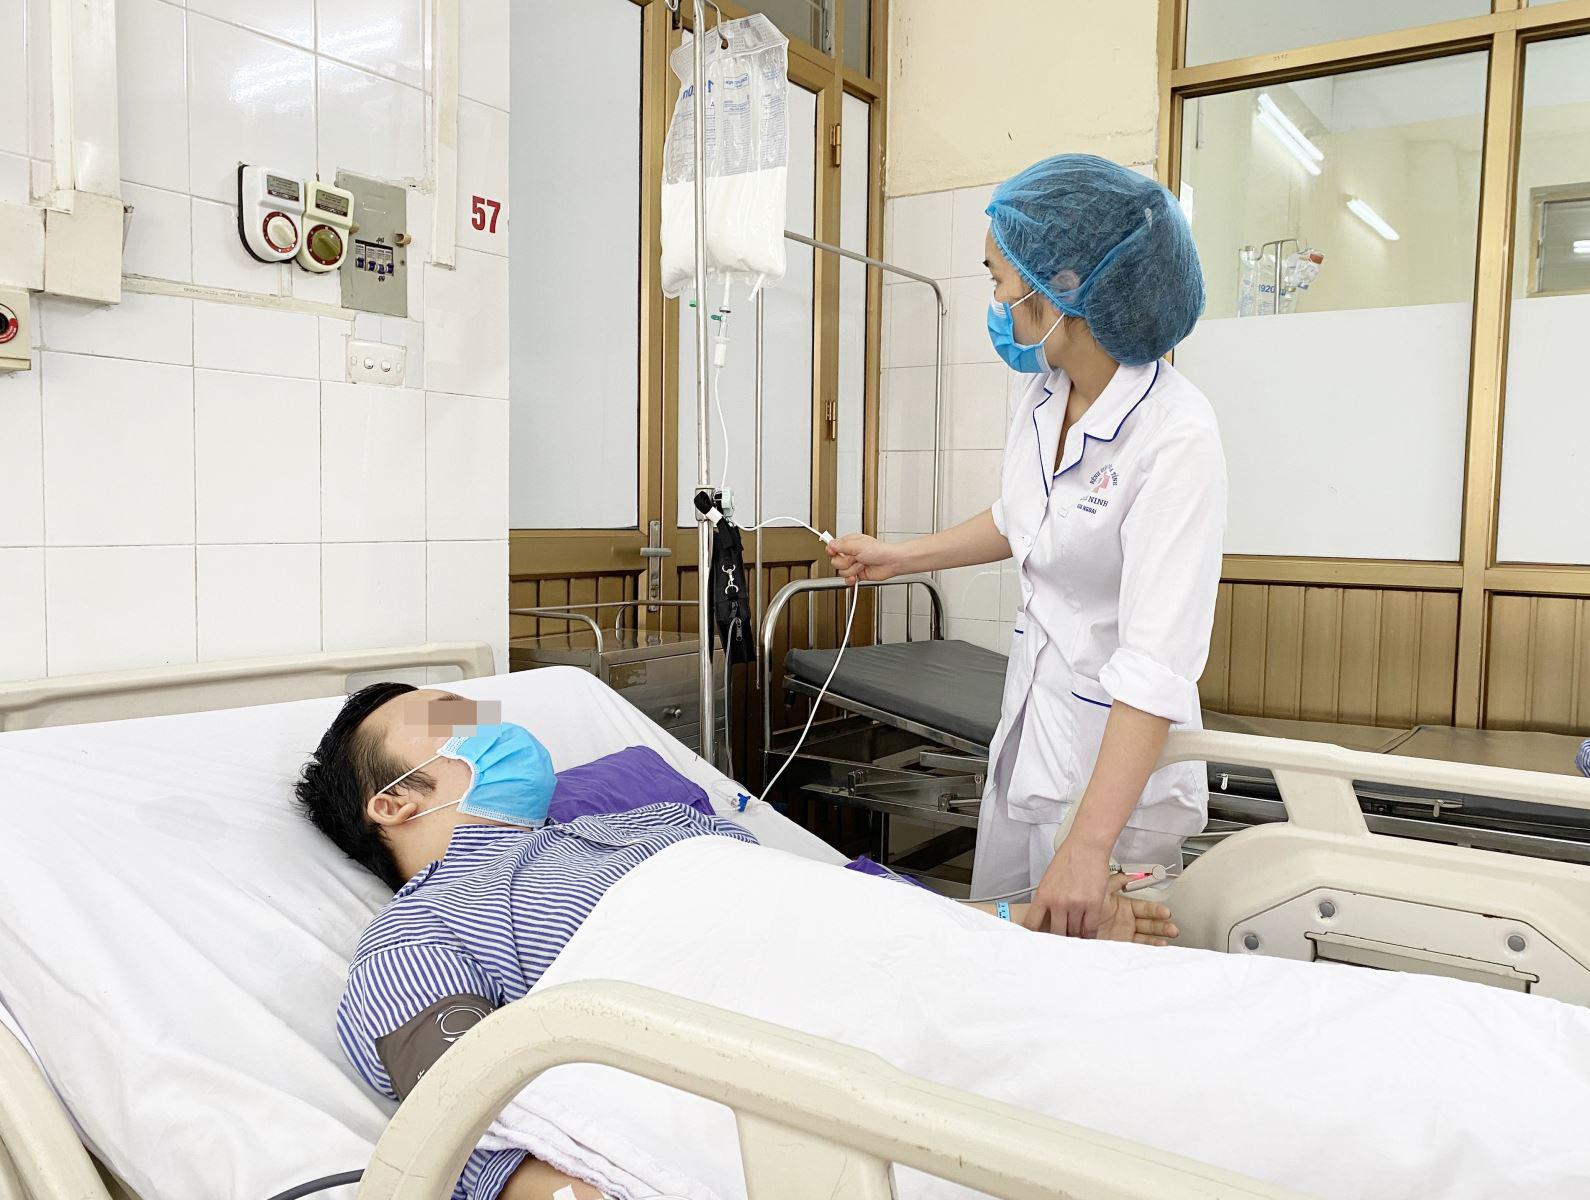 Phẫu thuật khối u di căn ổ bụng cho bệnh nhân ung thư tinh hoàn - Ảnh 3.